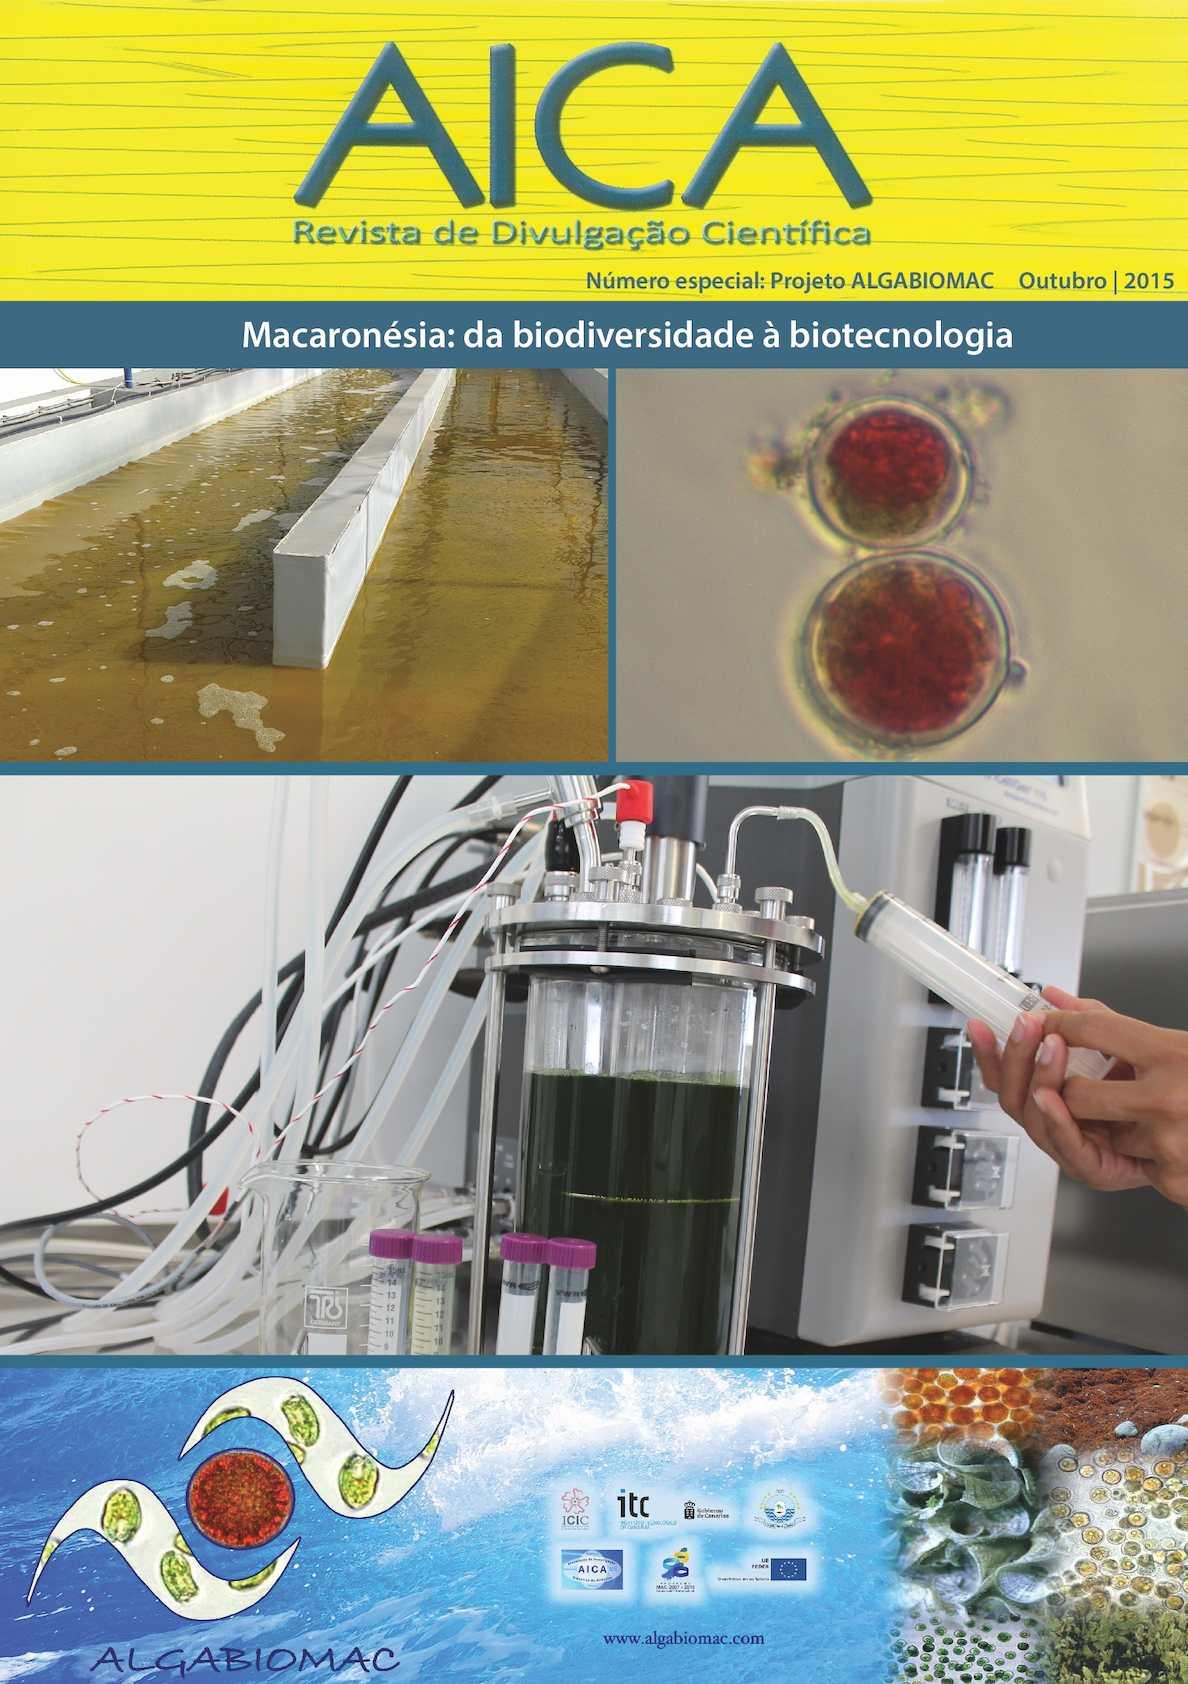 Revista de Divulgação Científica AICA Número especial: Projeto ALGABIOMAC